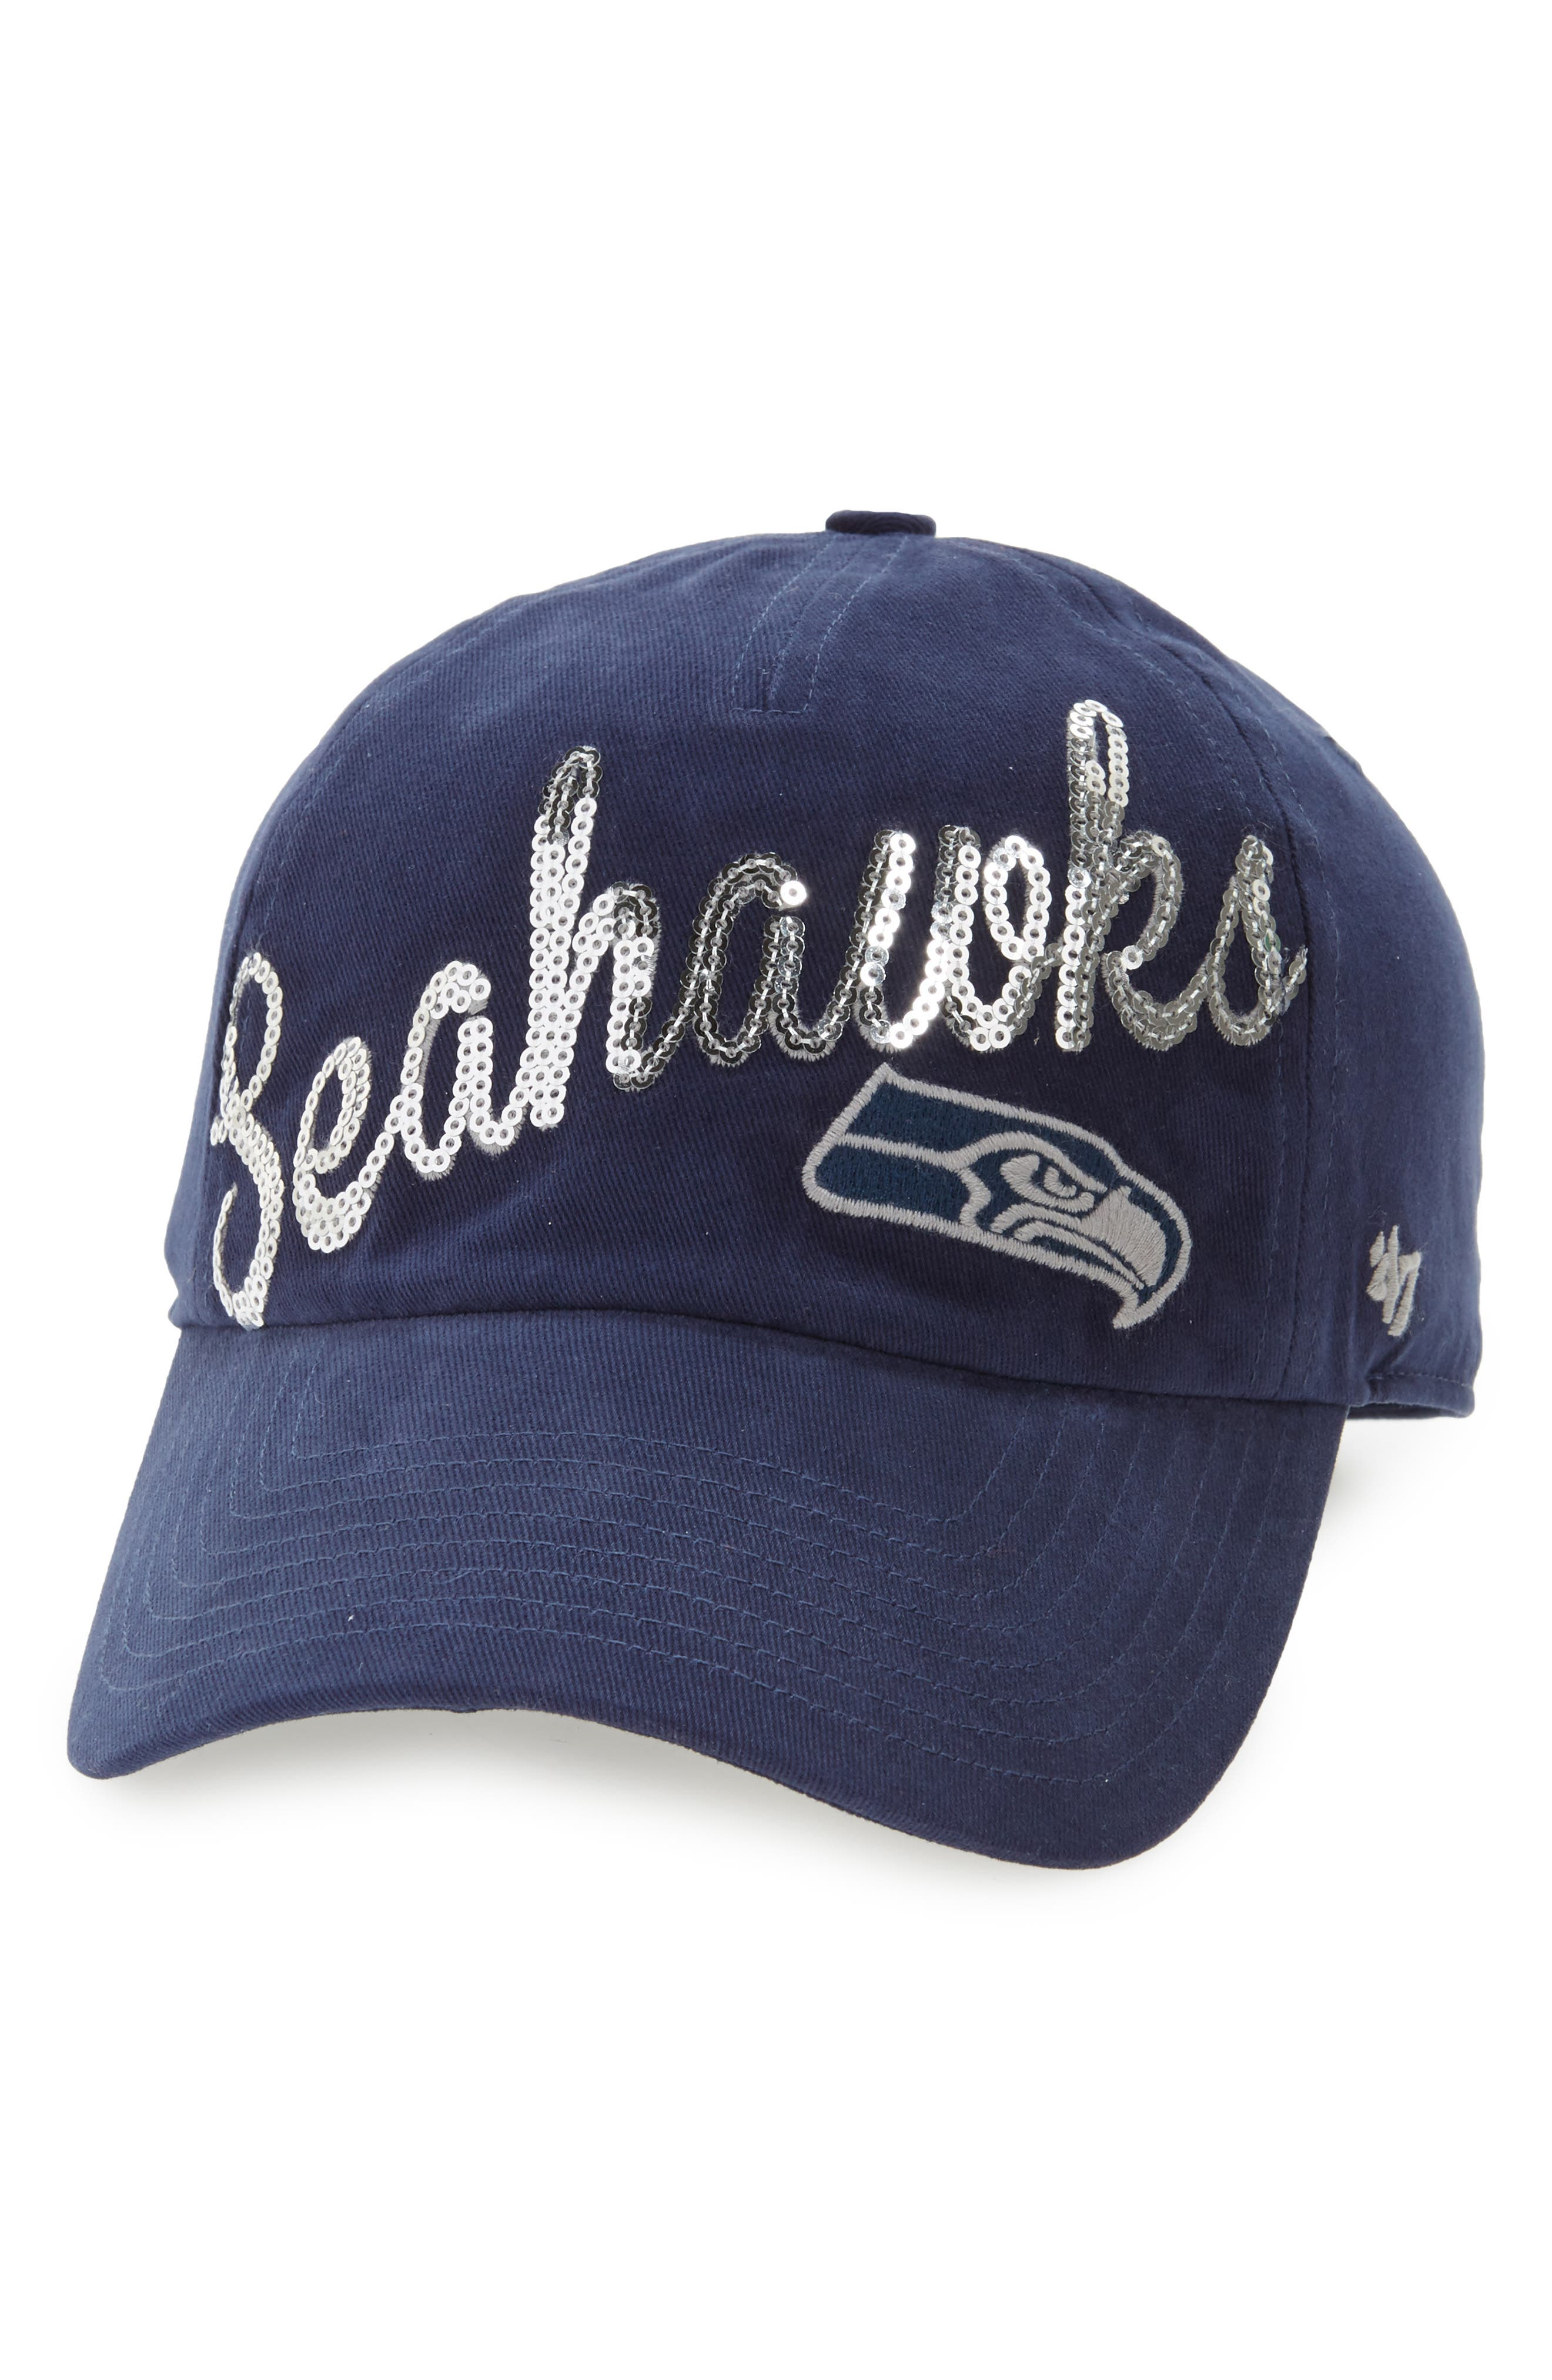 Seattle Seahawks Sparkle Cap,                         Main,                         color, 410